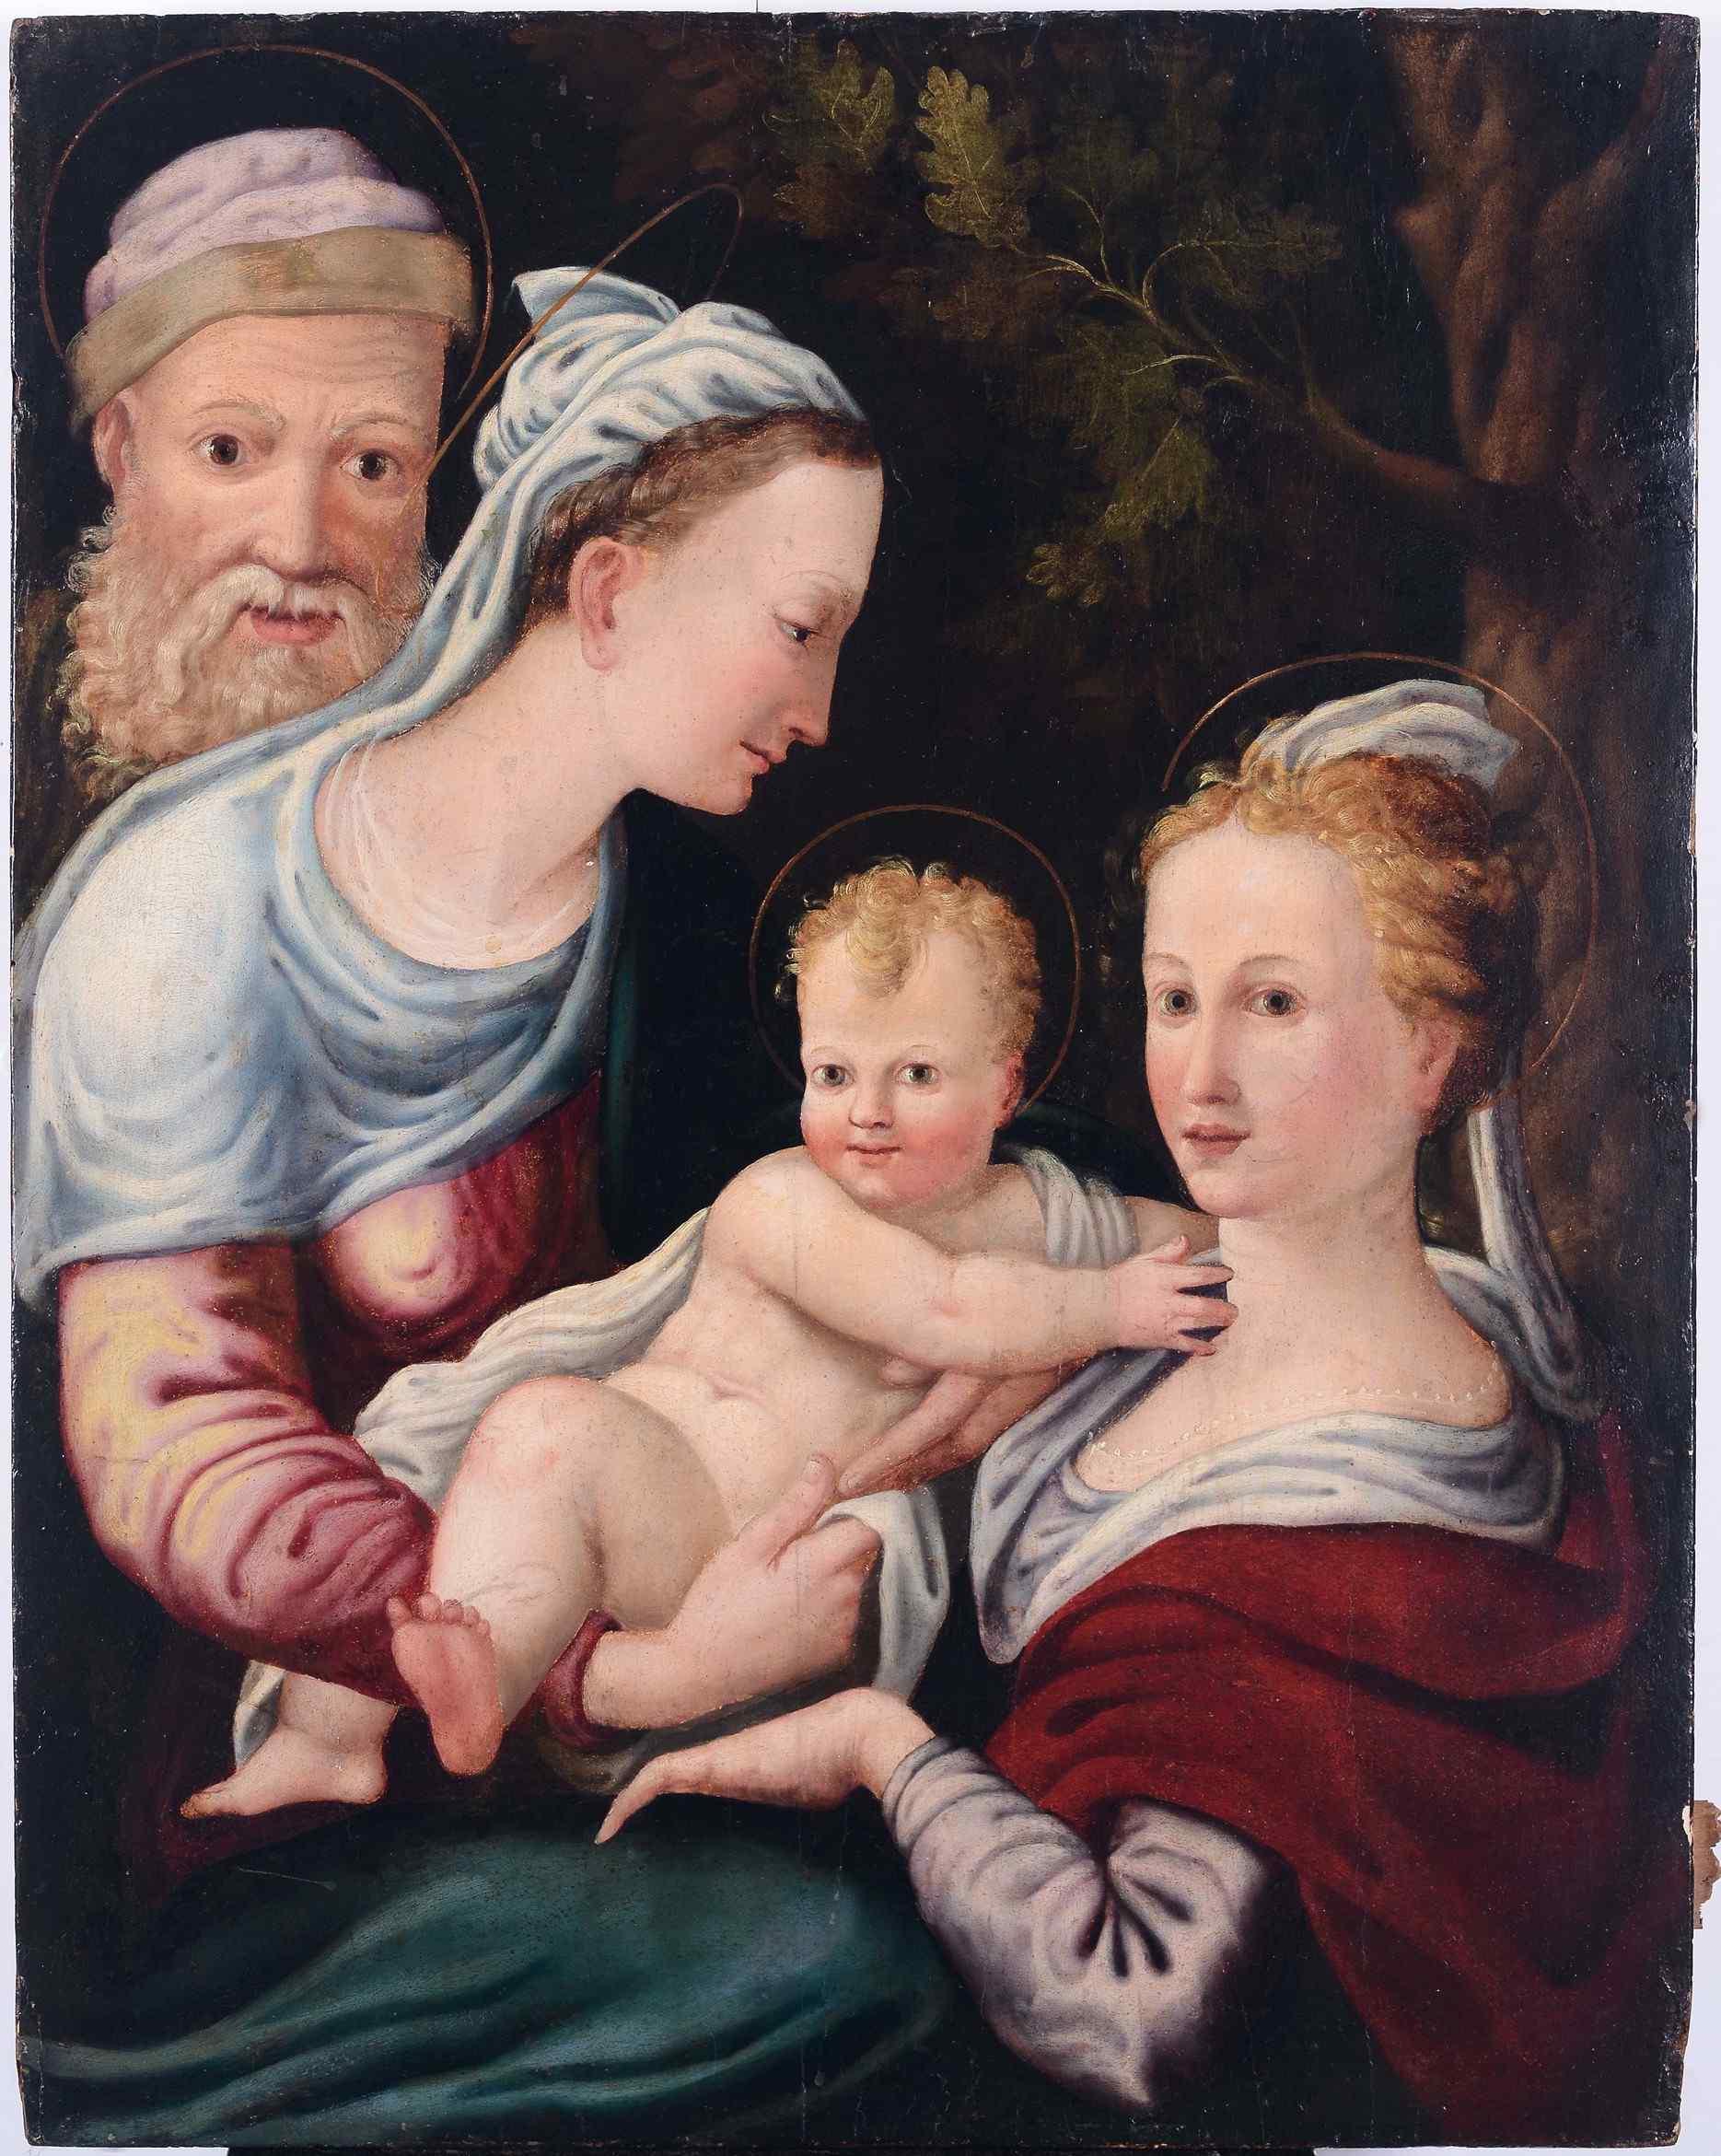 Scuola fiorentina del XVI secolo - Sacra famiglia